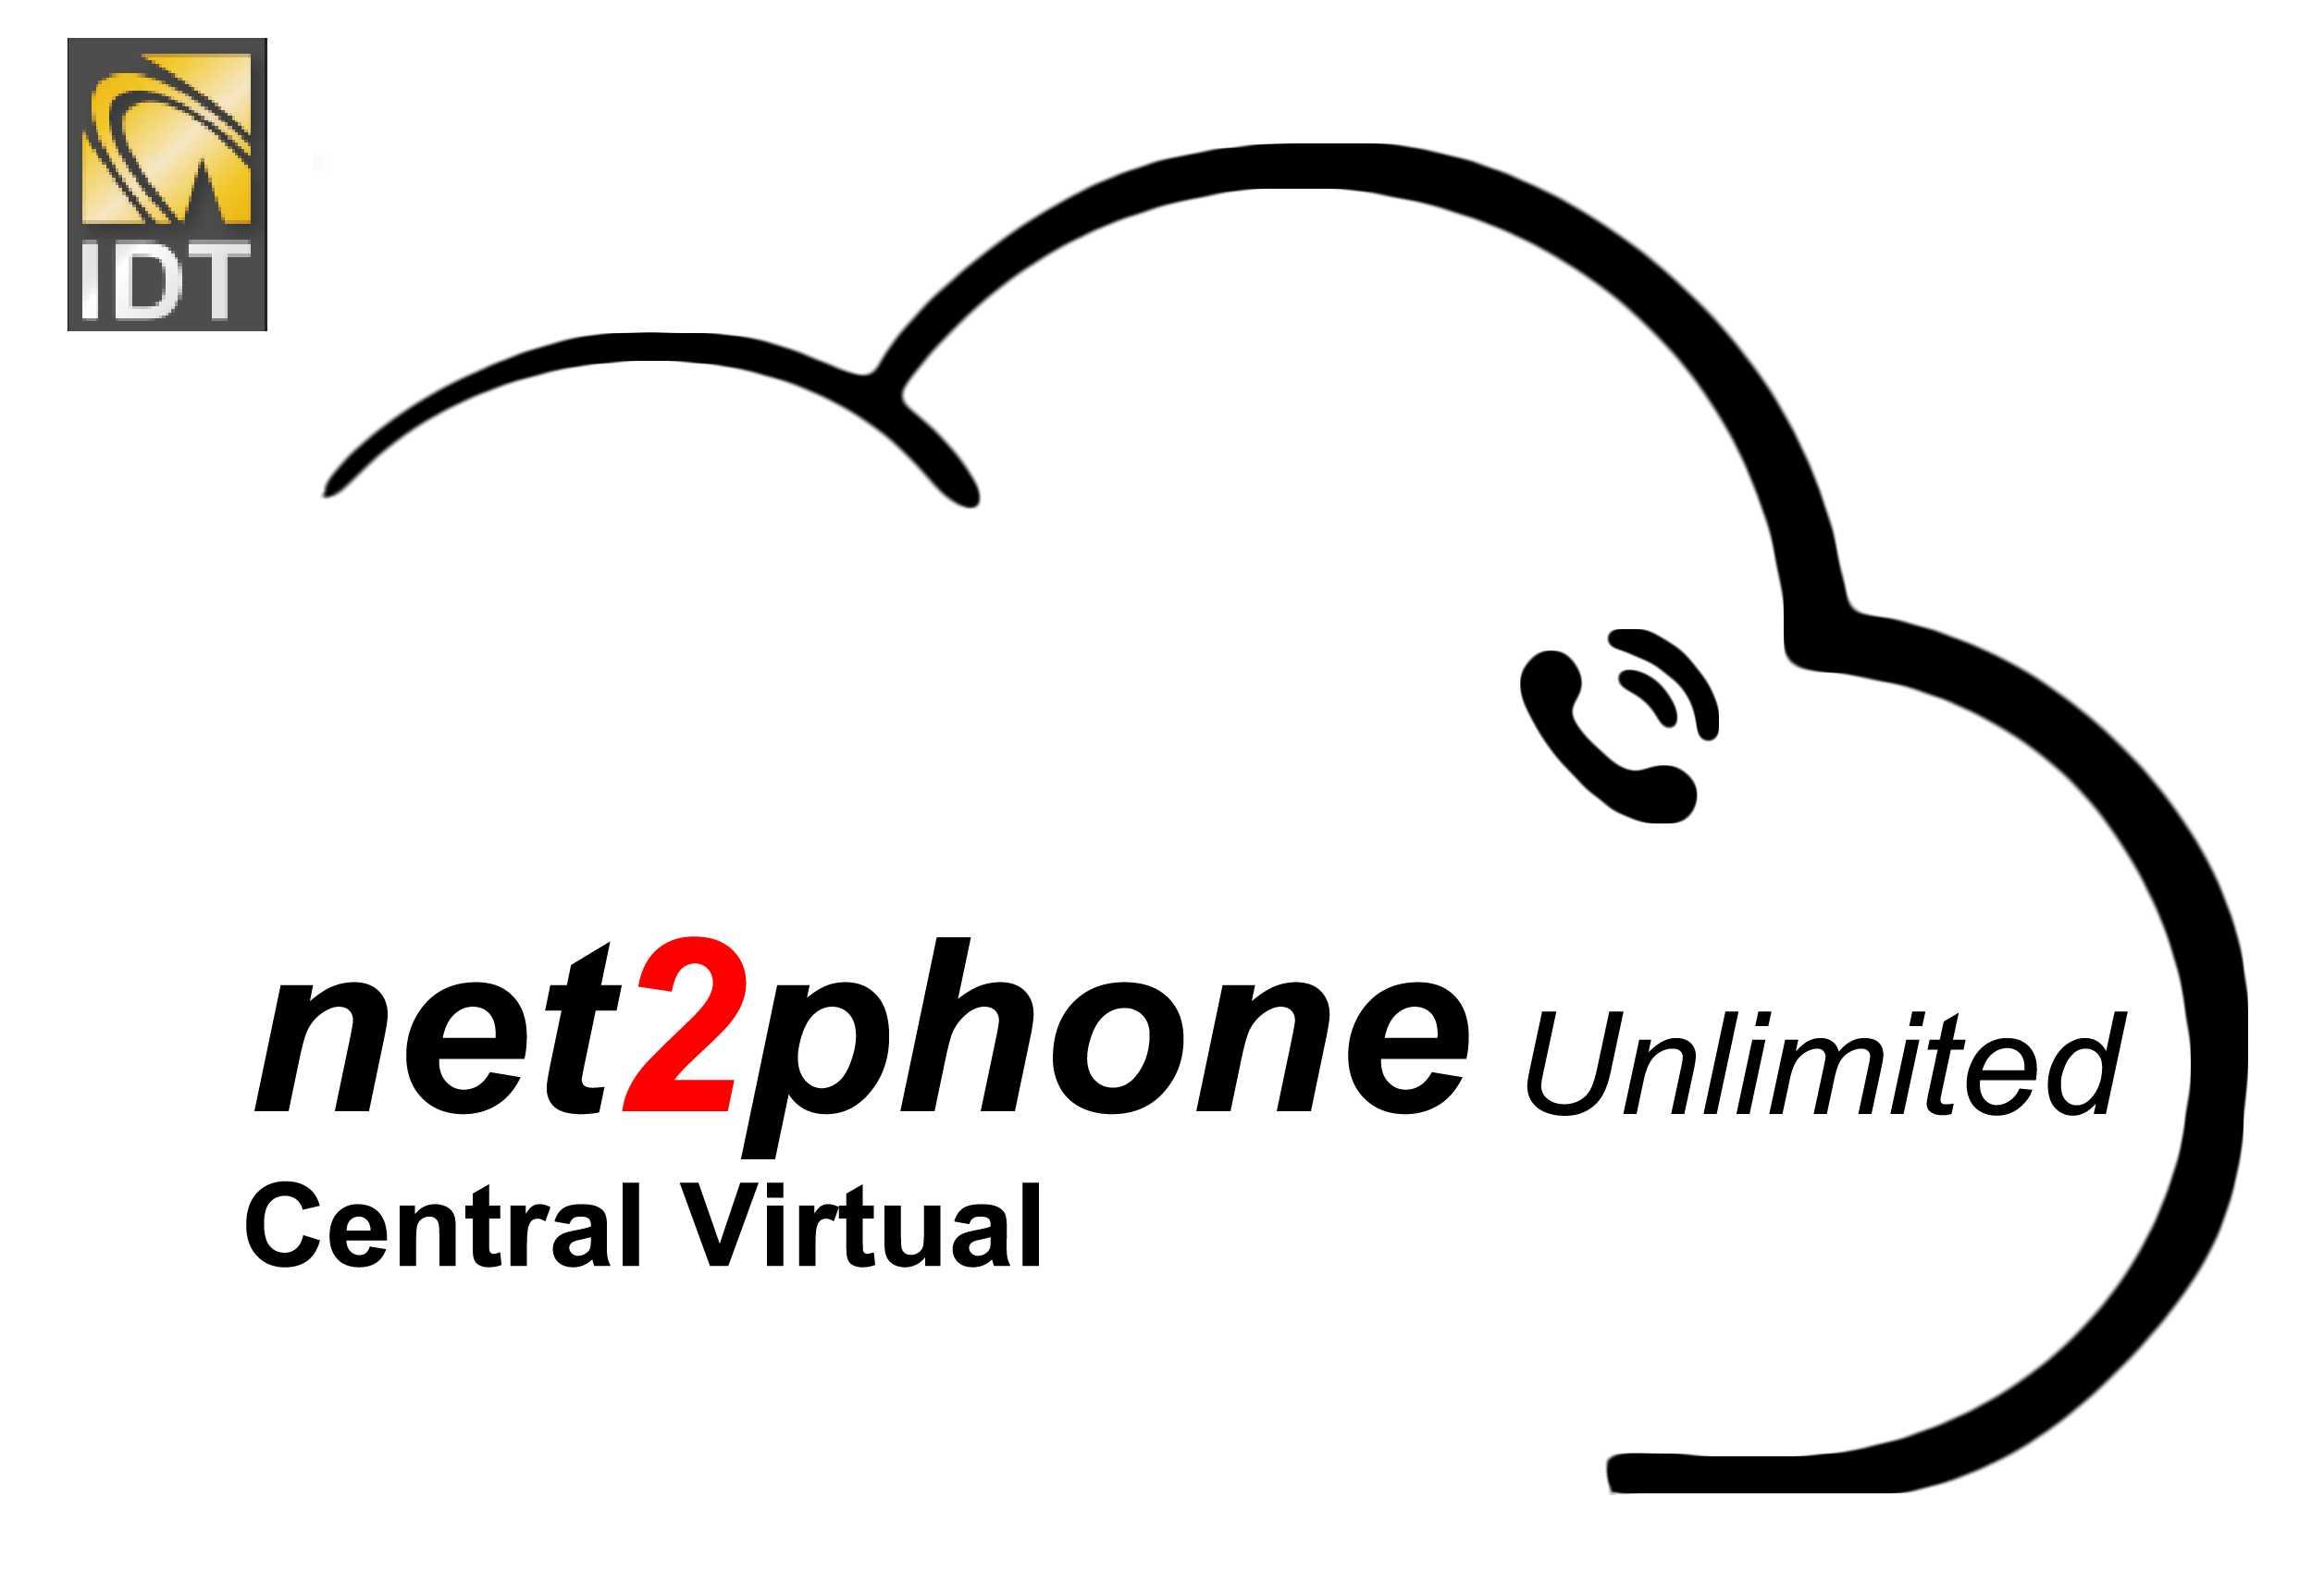 Proveedor de Telefonía IP | Venta de Telefonía IP